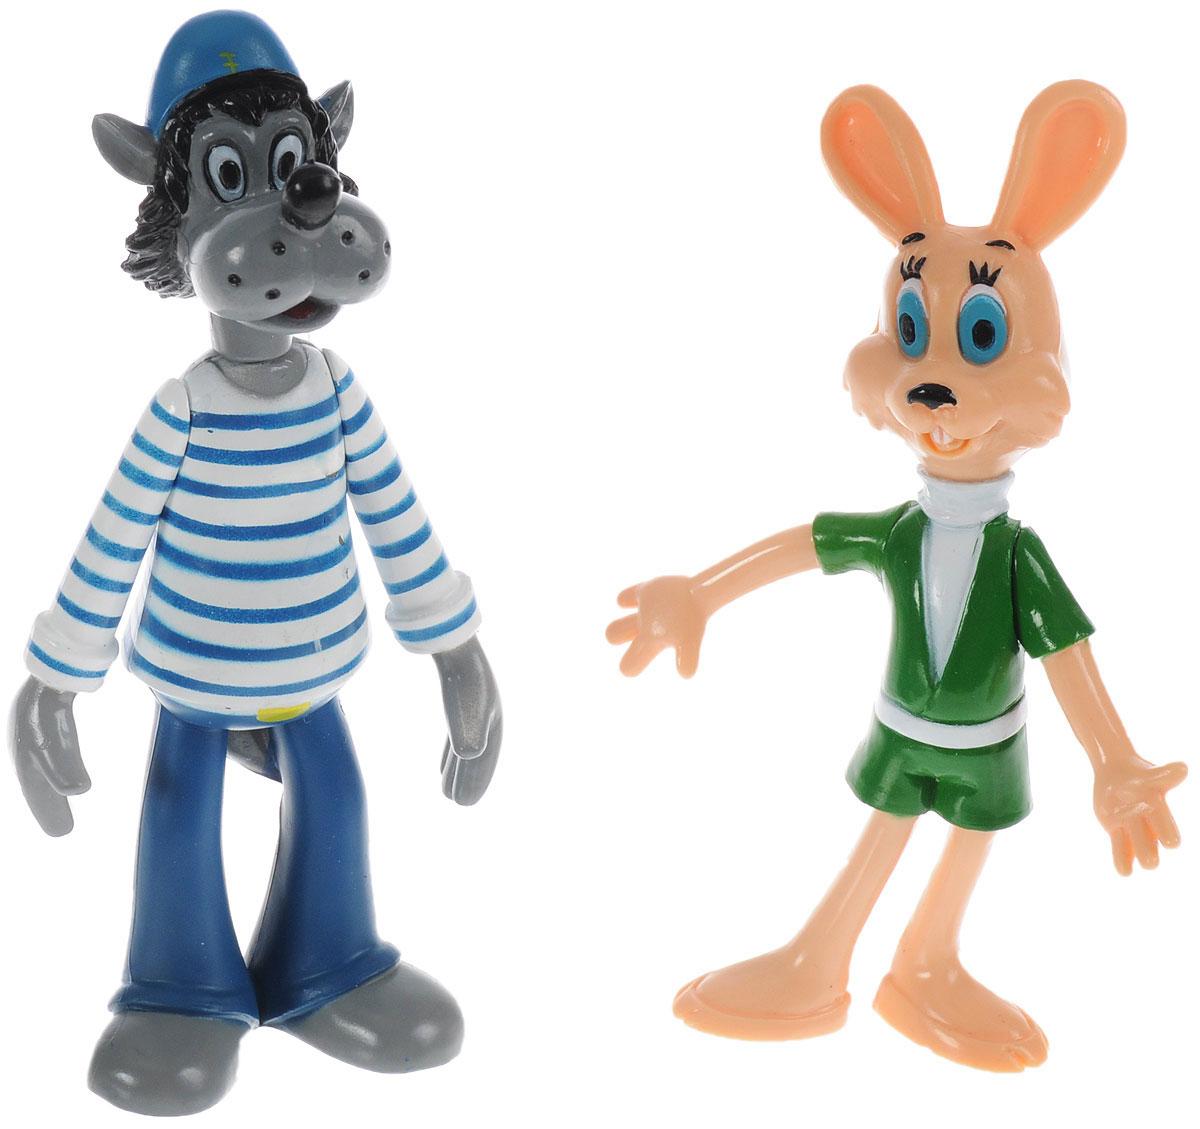 Играем вместе Набор фигурок Ну, погоди! Волк и Заяц фигурки игрушки играем вместе набор из 2 х фигурок попугай кеша и кот